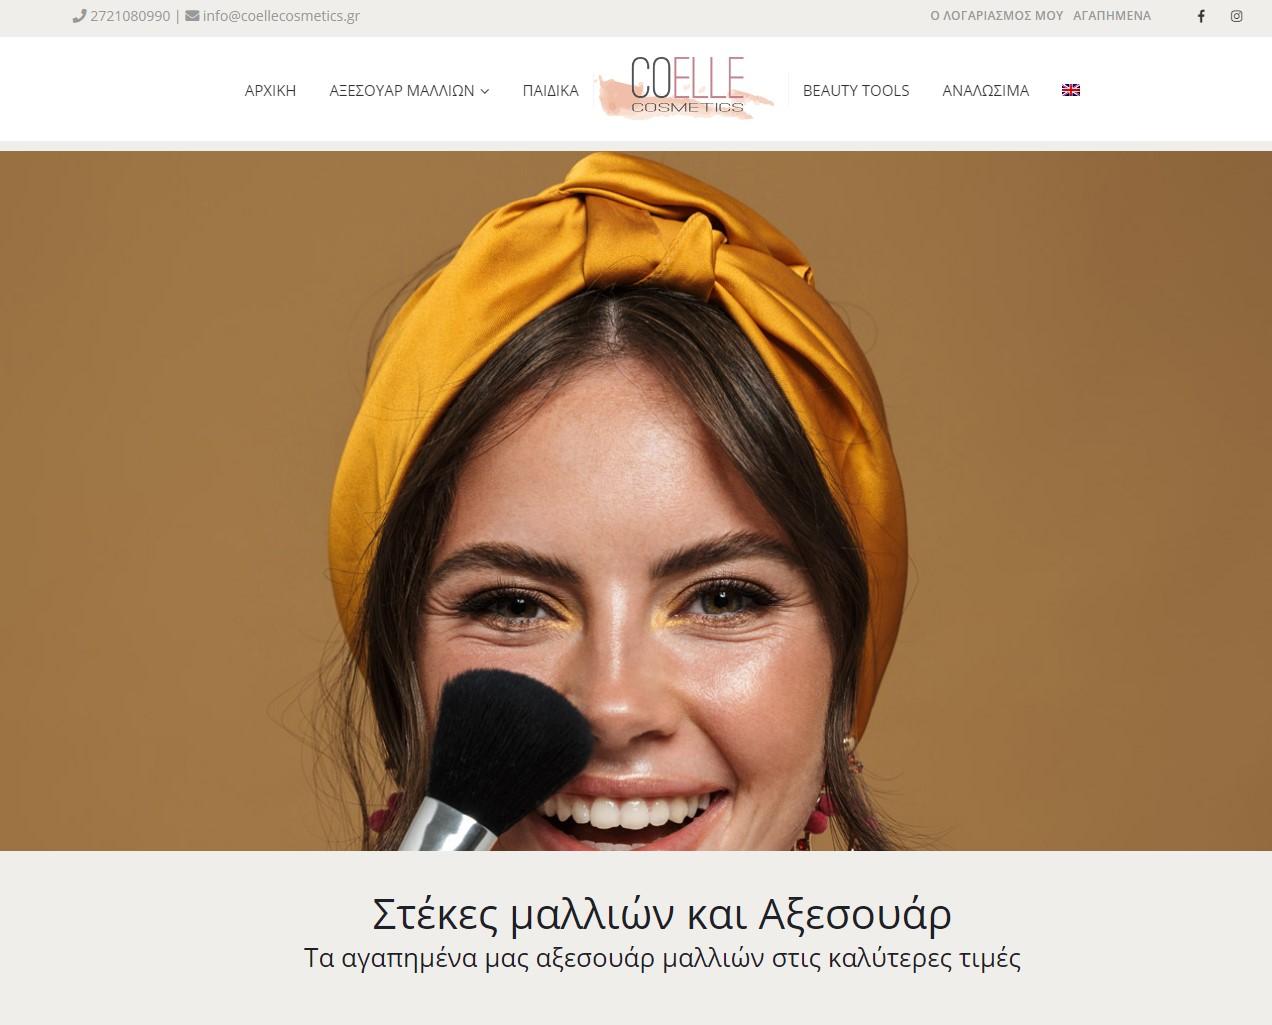 Δημιουργία ηλεκτρονικού καταστήματος | coellecosmetics.gr